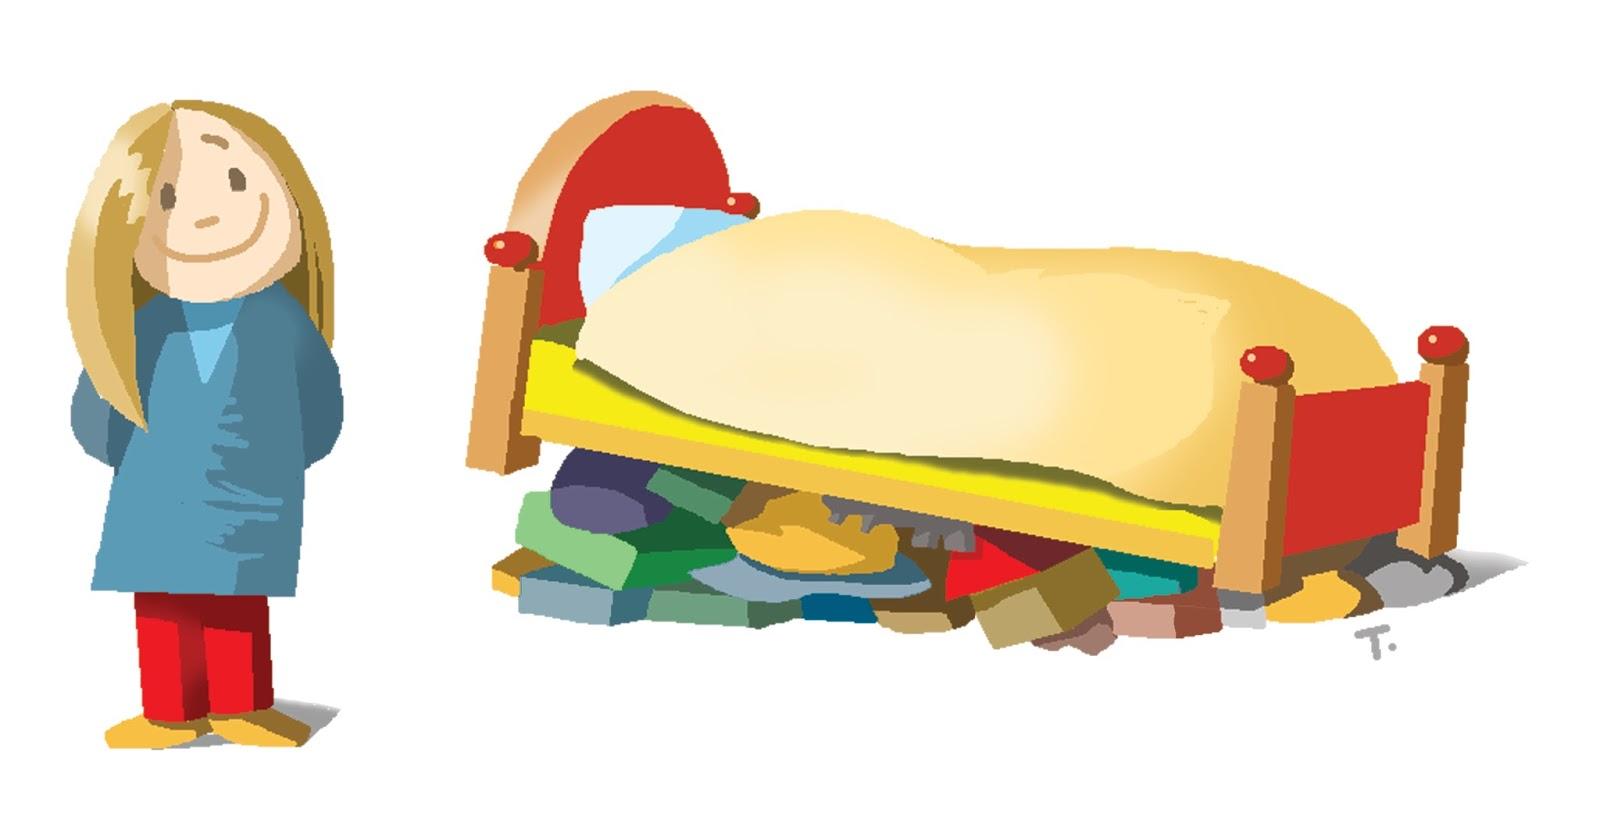 Kinder Zimmer: Kinderzimmer Aufraumen Bilder